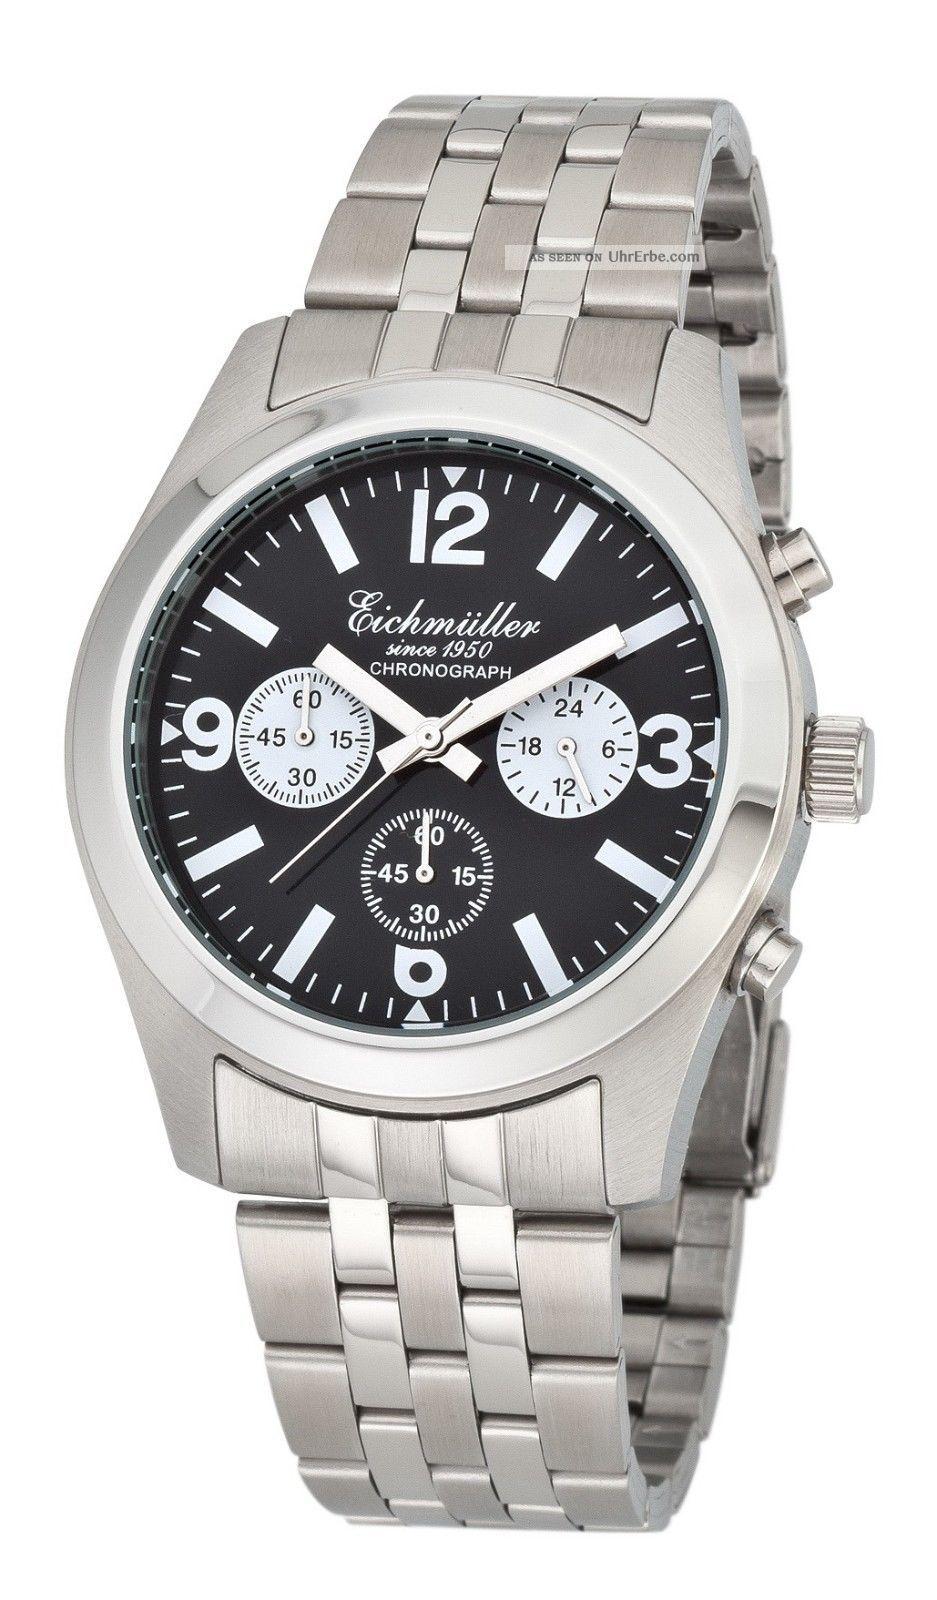 EichmÜller Edelstahl Chronograph Herrenuhr Seiko Vd 54 Armbanduhr &ovp Armbanduhren Bild